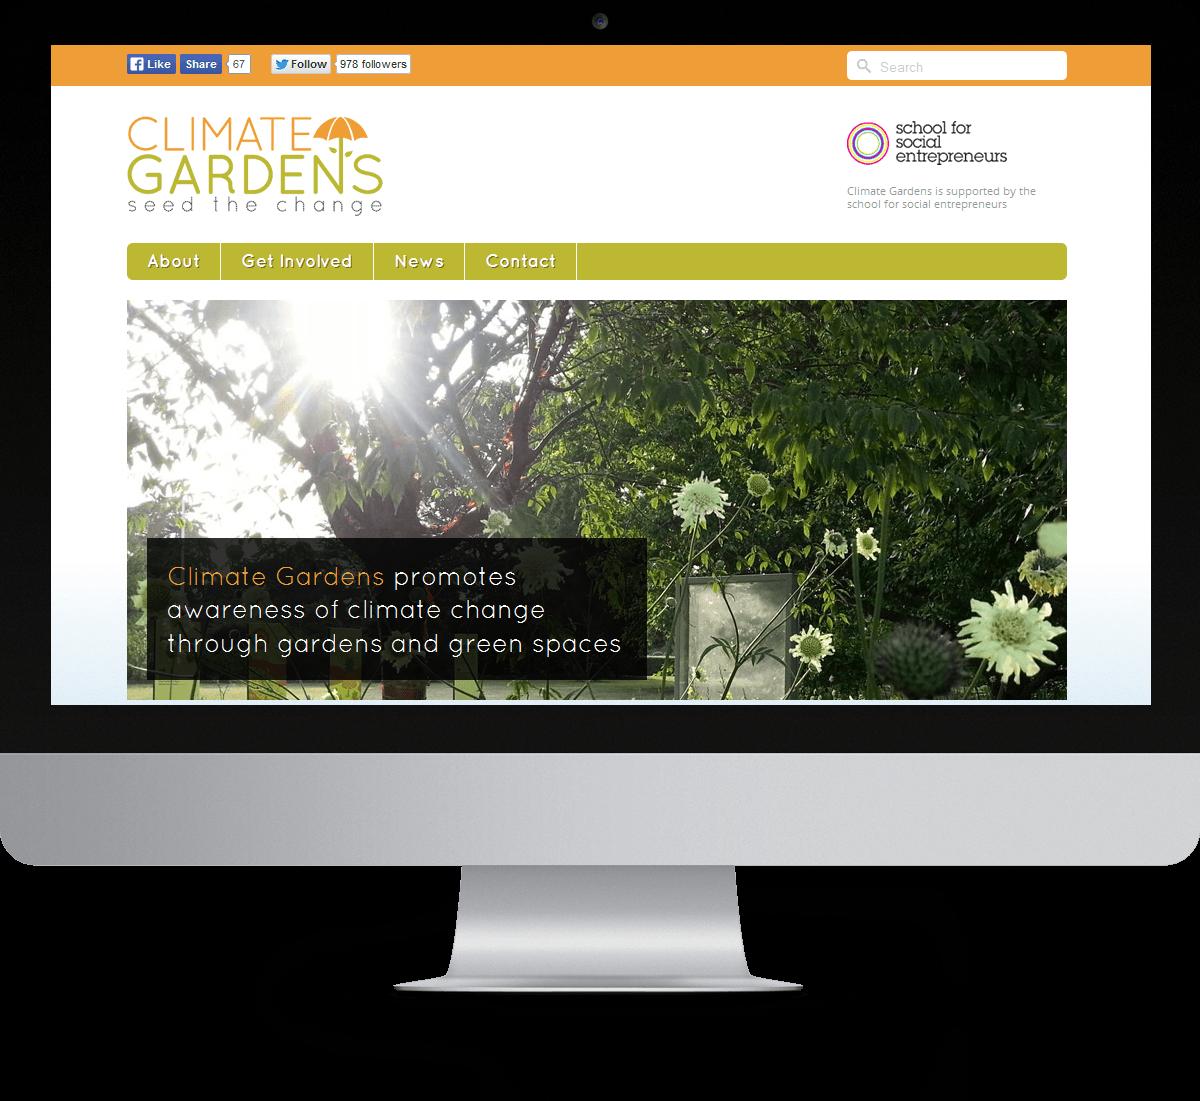 Climate Gardens website